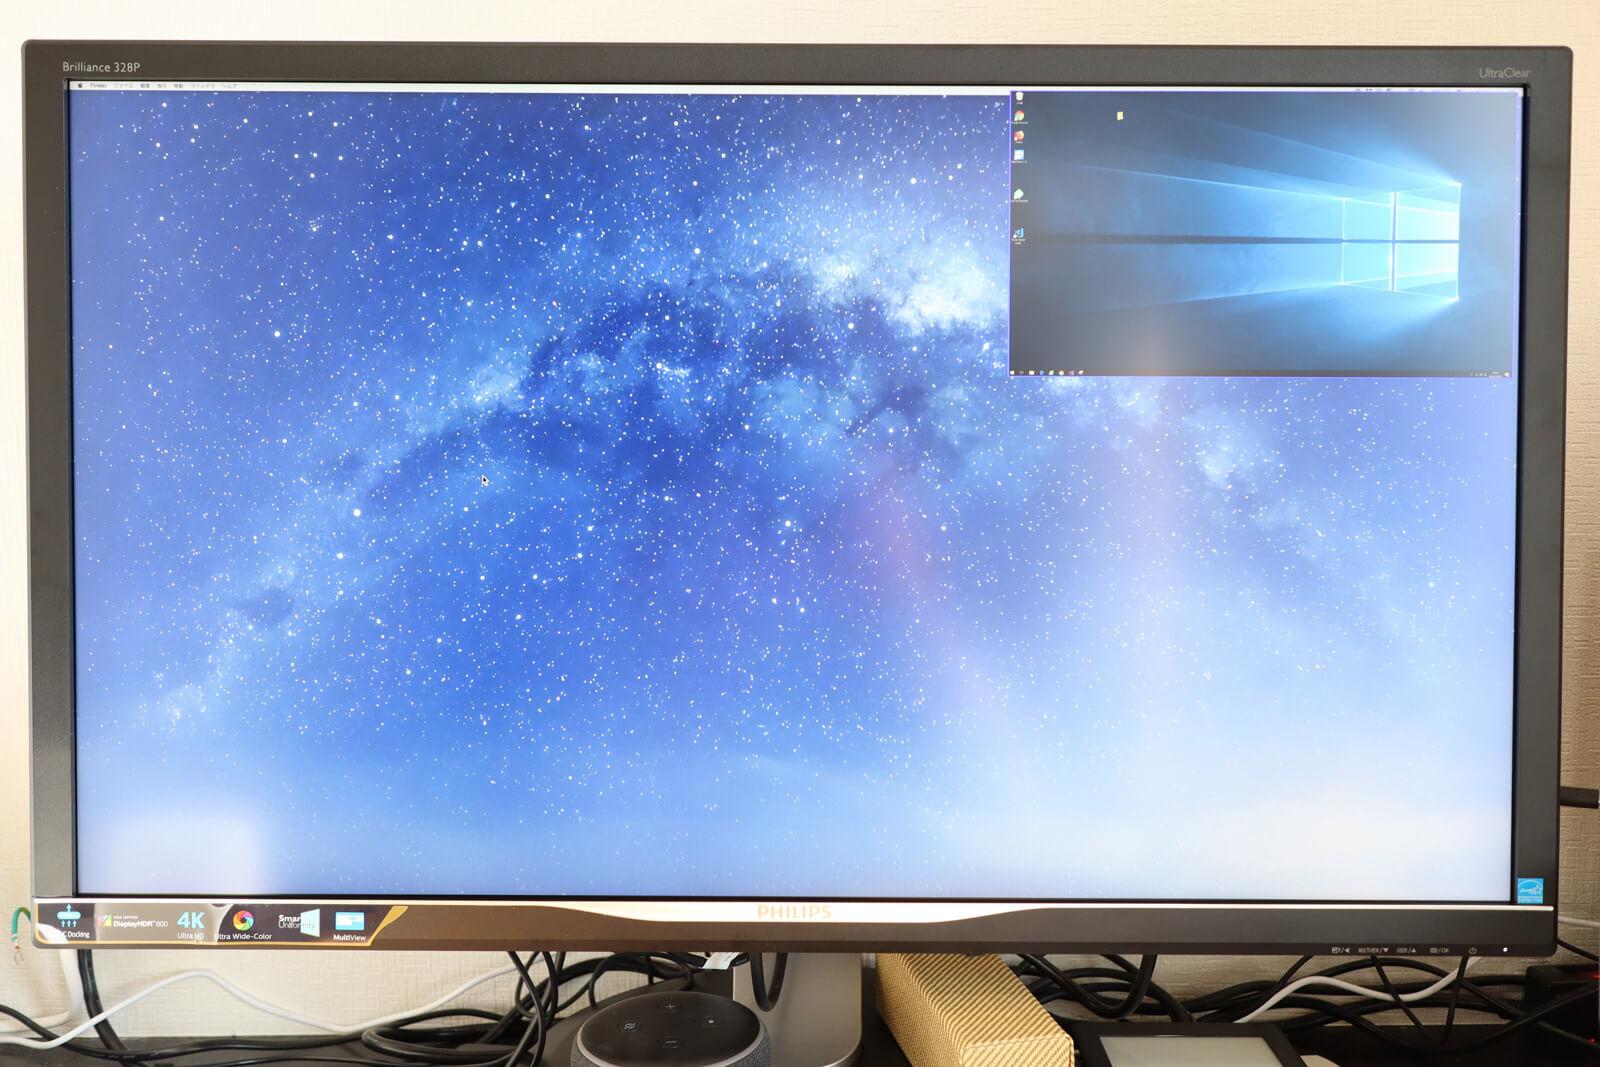 PHILIPSの328P6VUBREB/11 PIP機能でMacとWindowsを表示する